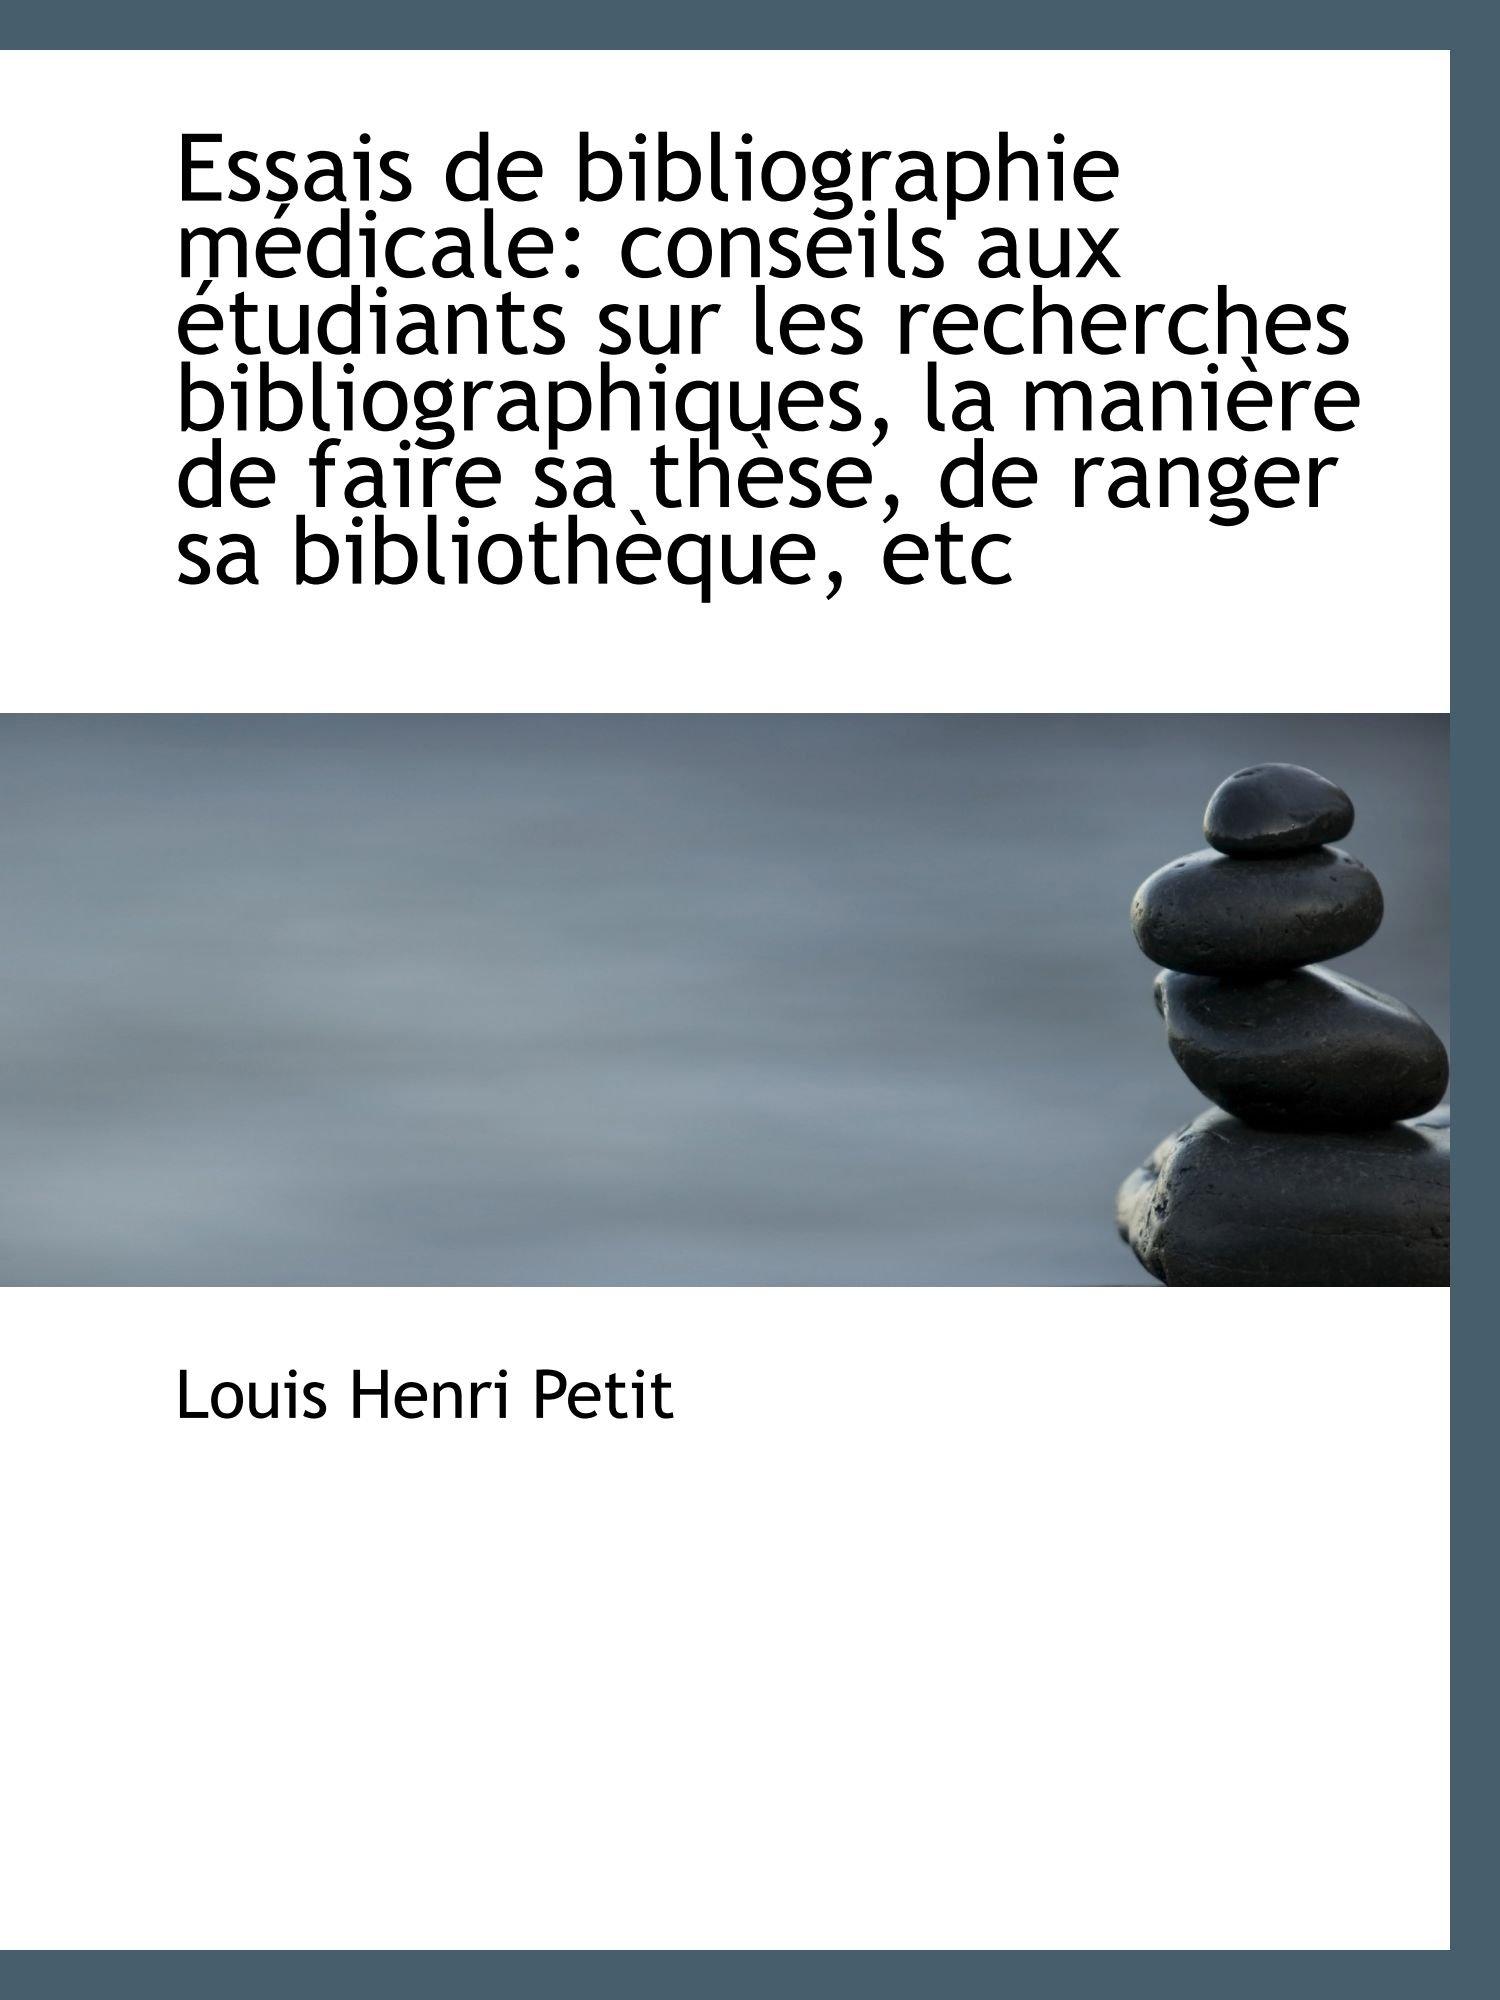 Essais de bibliographie médicale: conseils aux étudiants sur les recherches bibliographiques, la man PDF